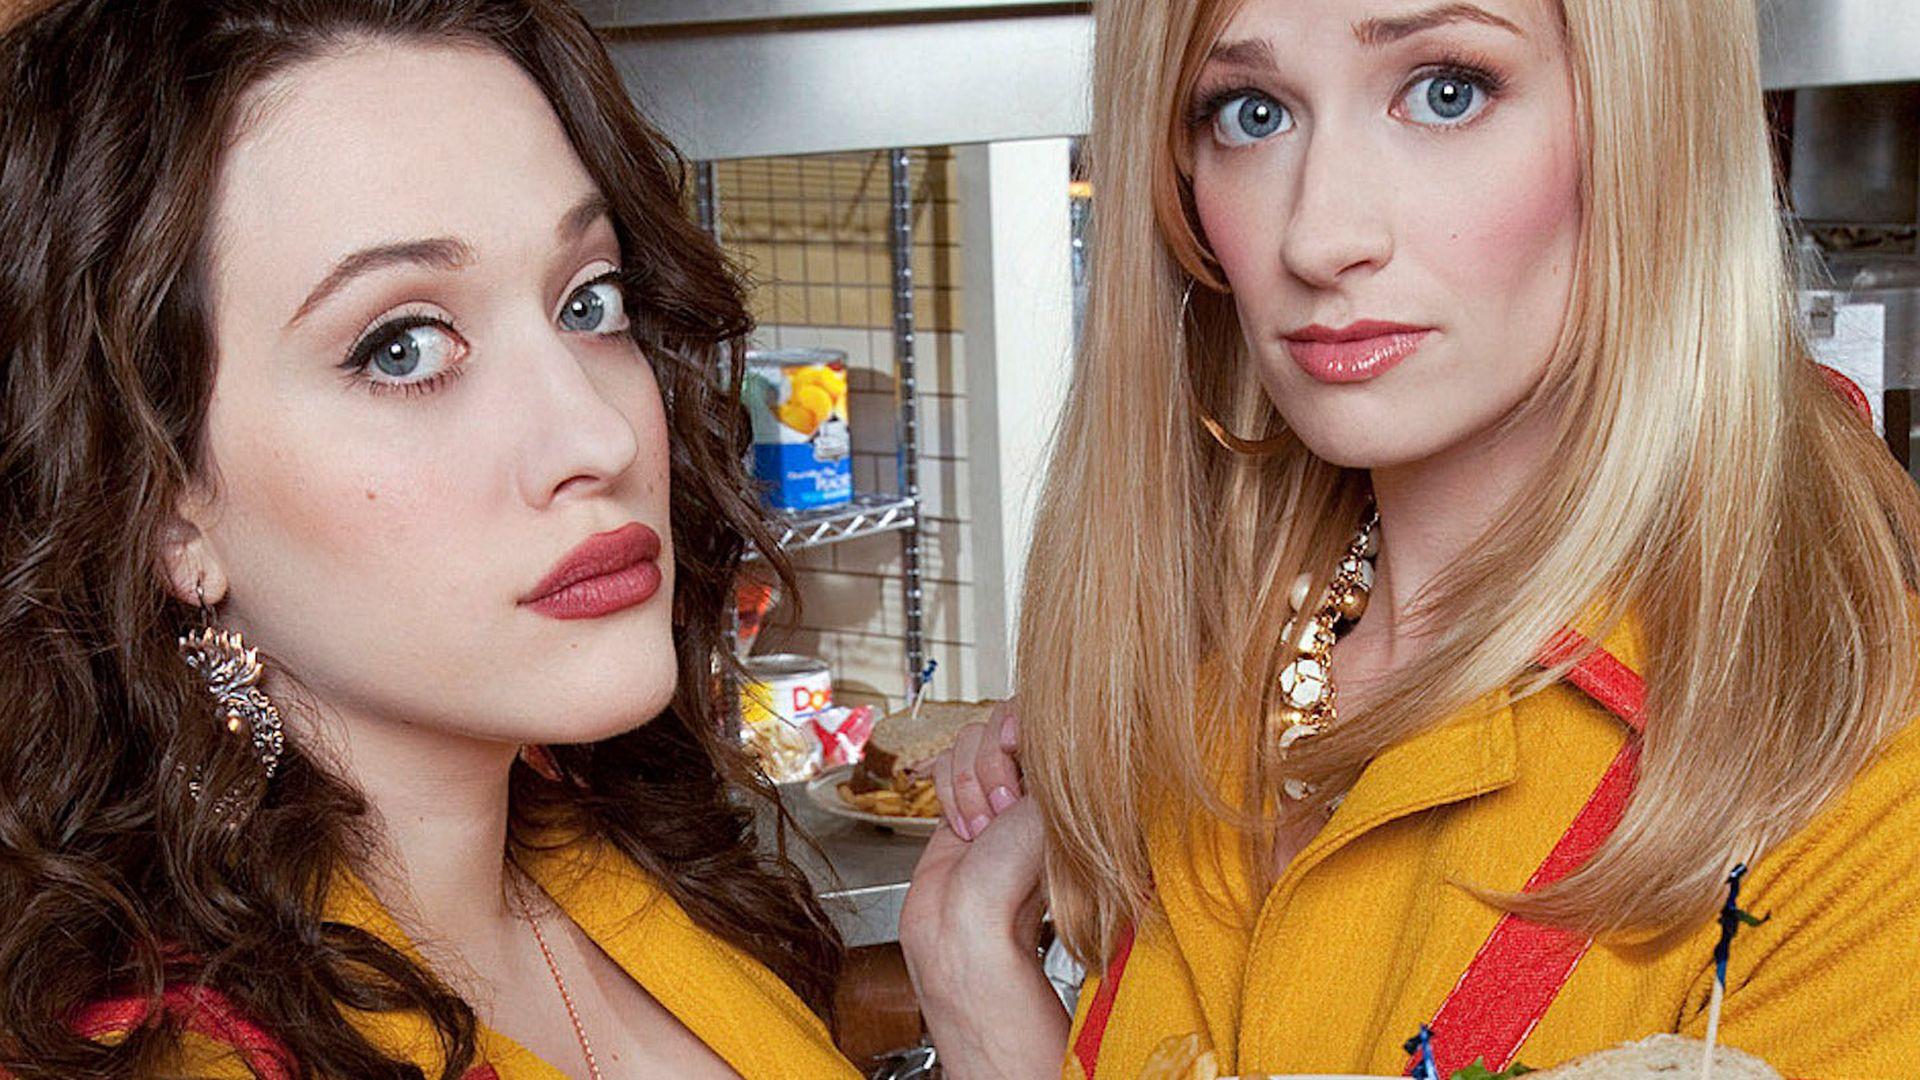 2 Broke Girls Wer Ist Euer Liebling Promiflashde